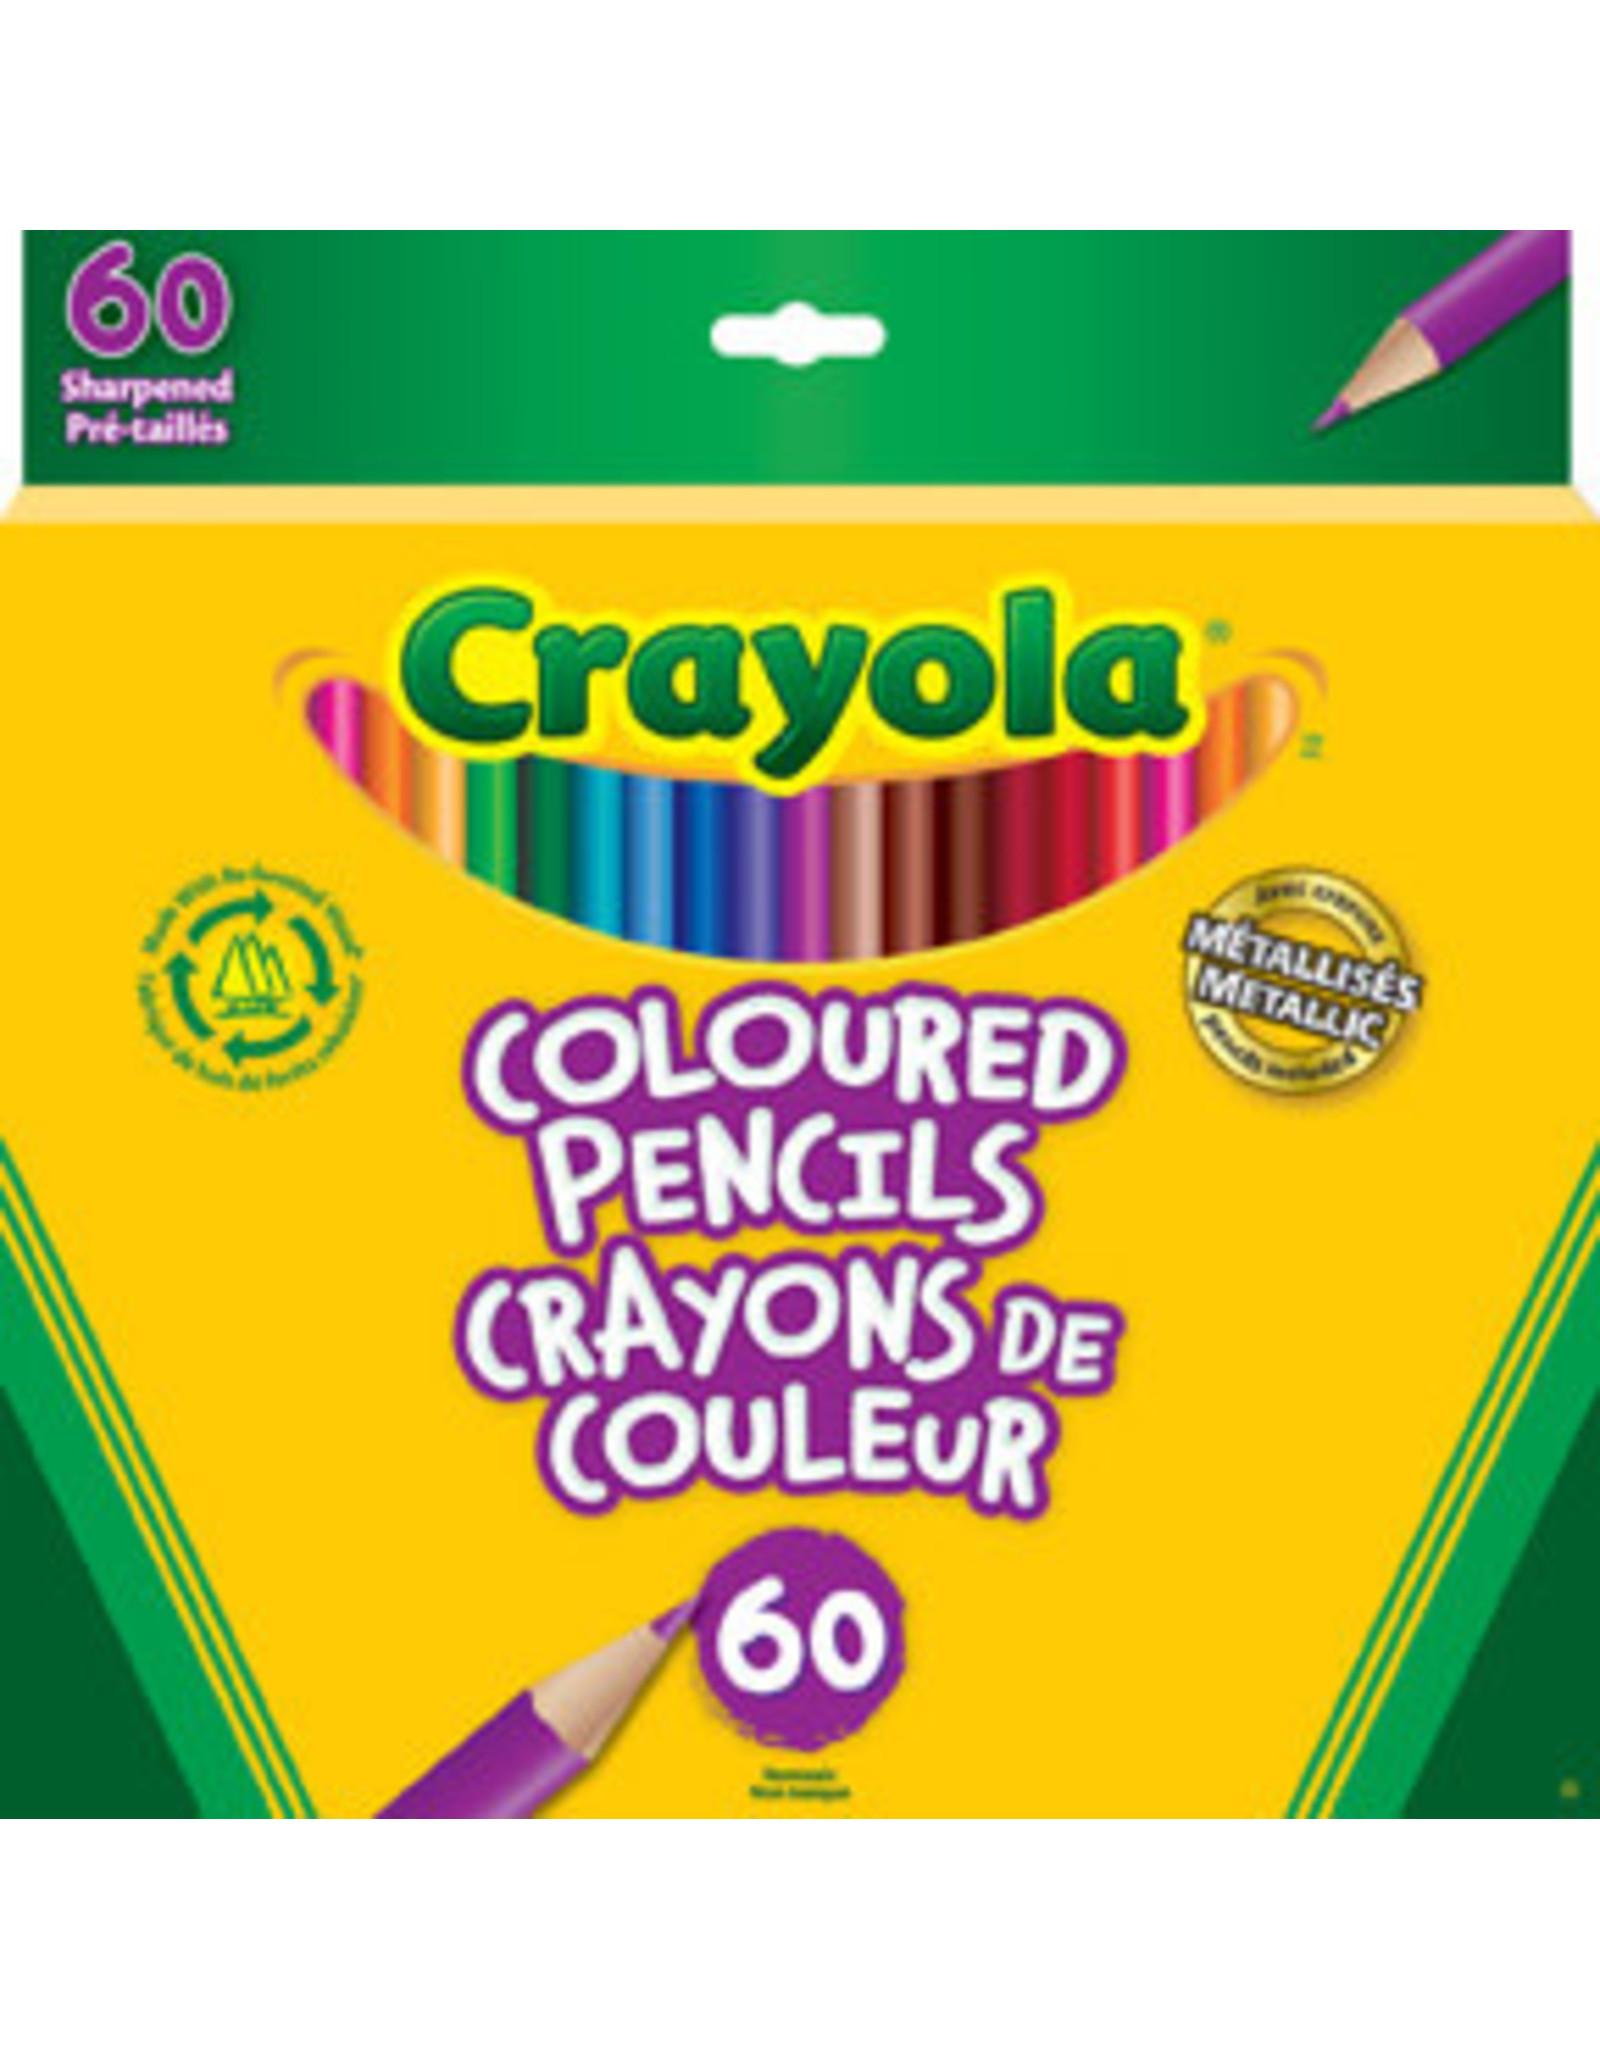 Crayola Coloured Pencils - 60 piece